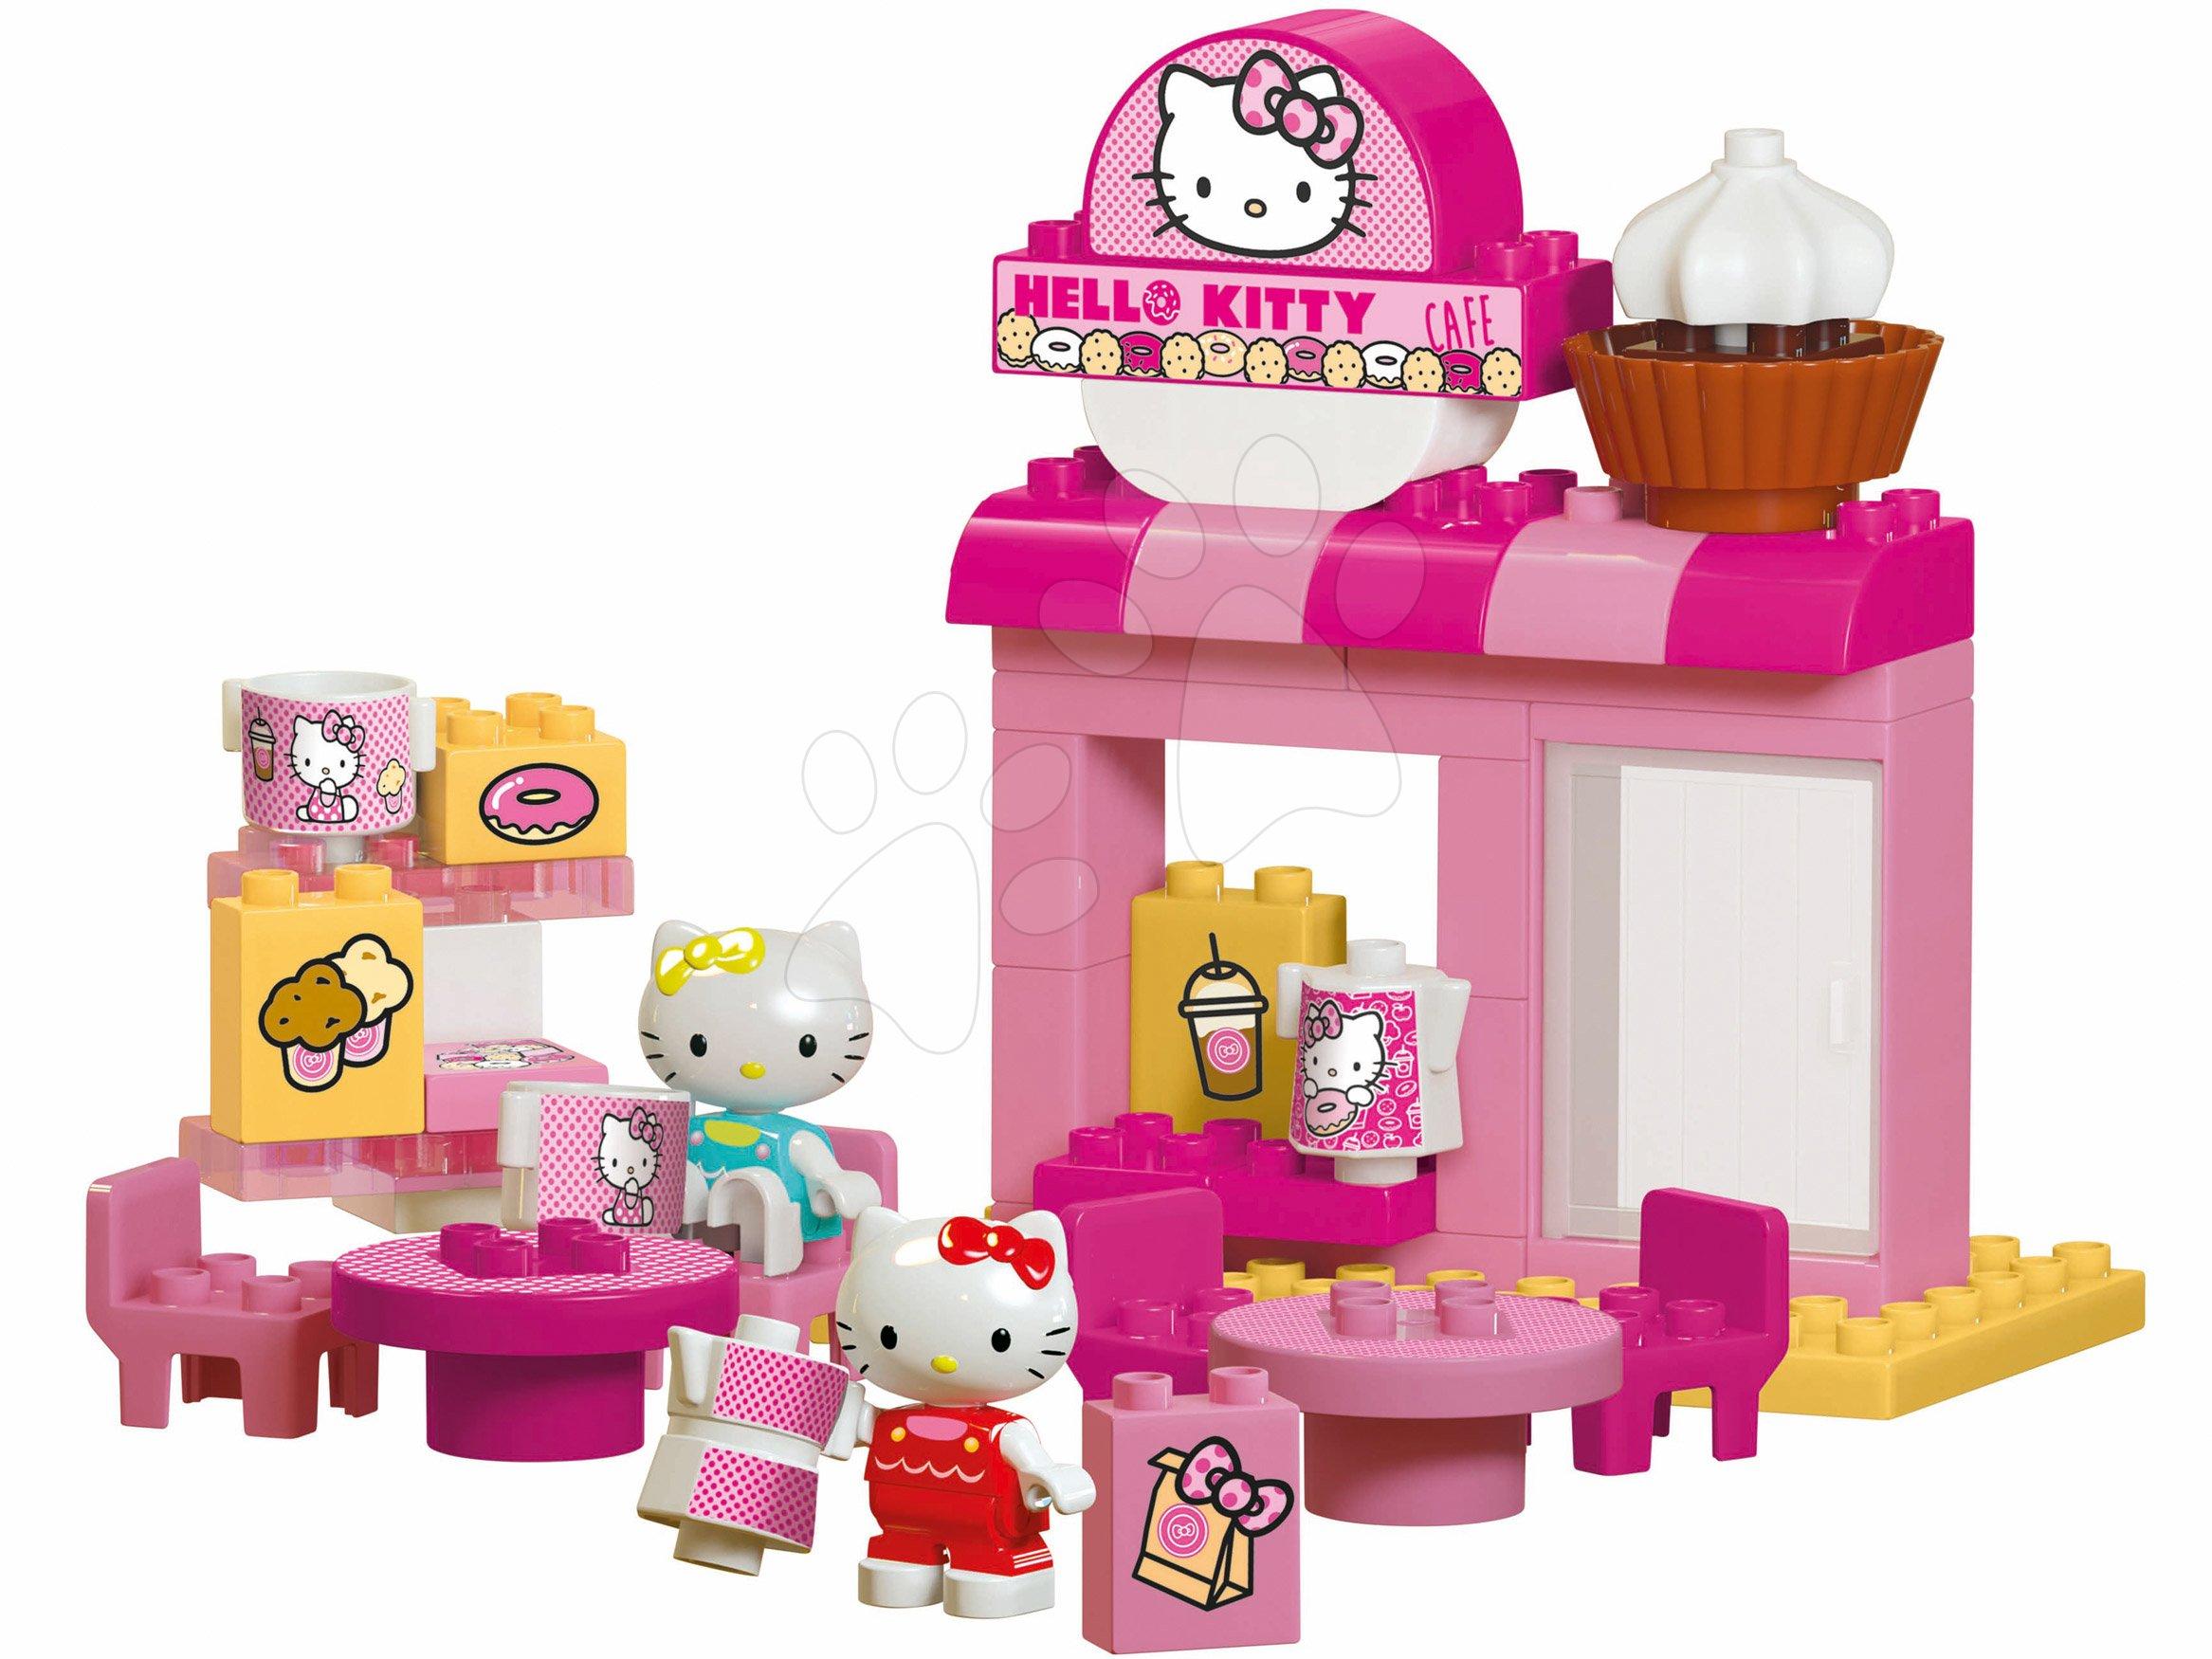 Építőjátékok BIG-Bloxx mint lego - Építőjáték PlayBIG Bloxx Cafe BIG Hello Kitty kávézóban barátnőjével 2 figura 45 darabos 18 hó-tól